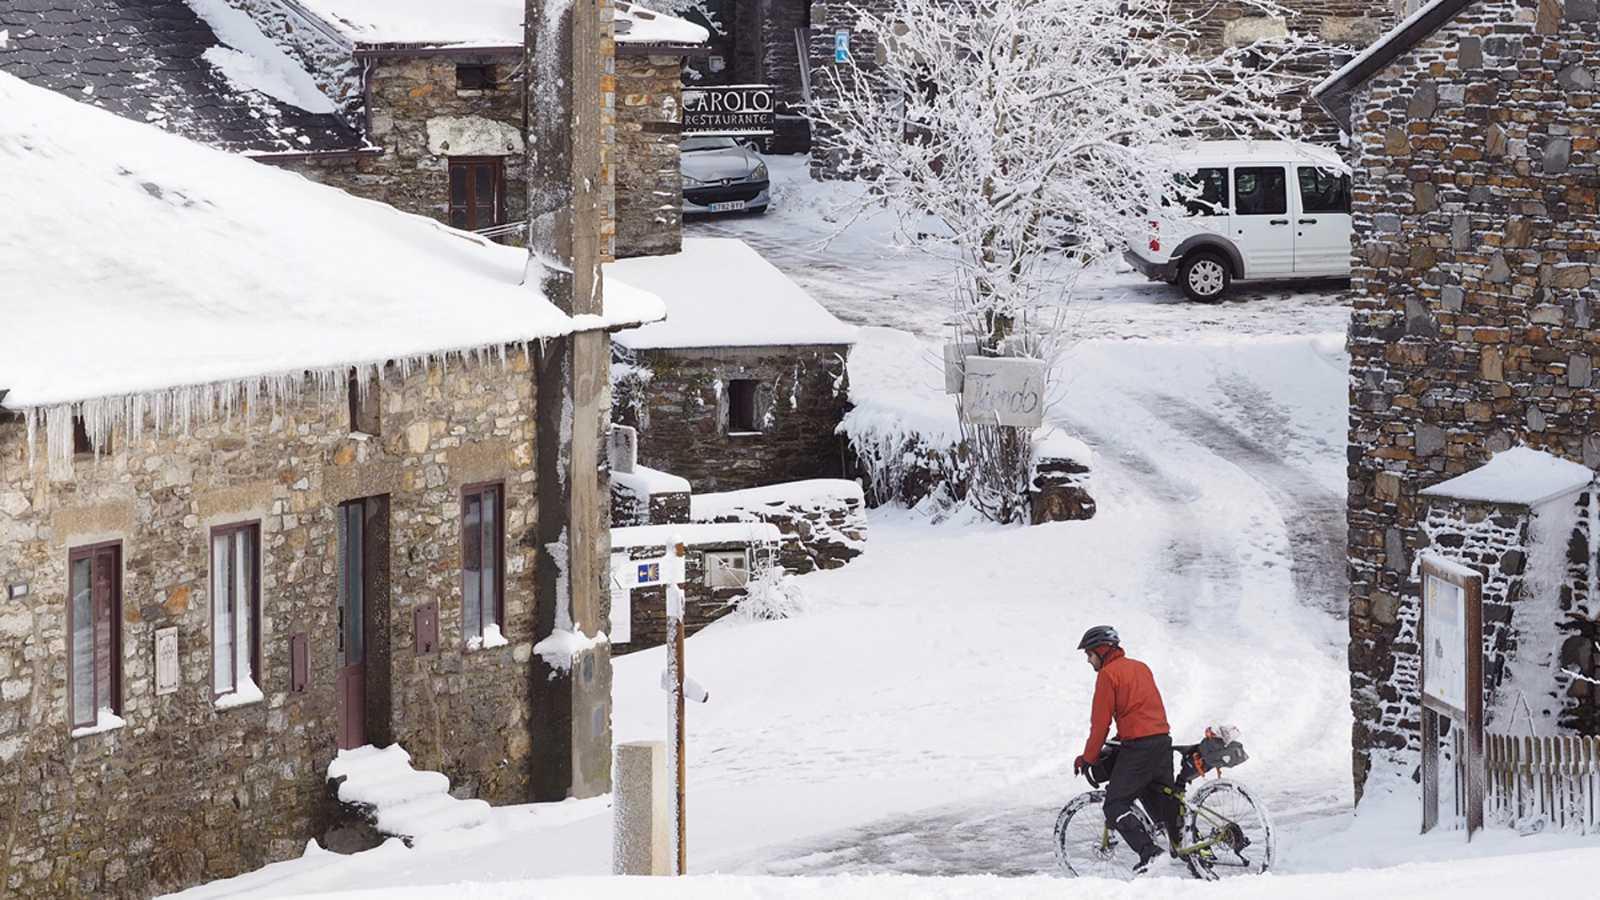 Llega el primer gran temporal del invierno: una borrasca desplomará la cota de nieve a 300 metros